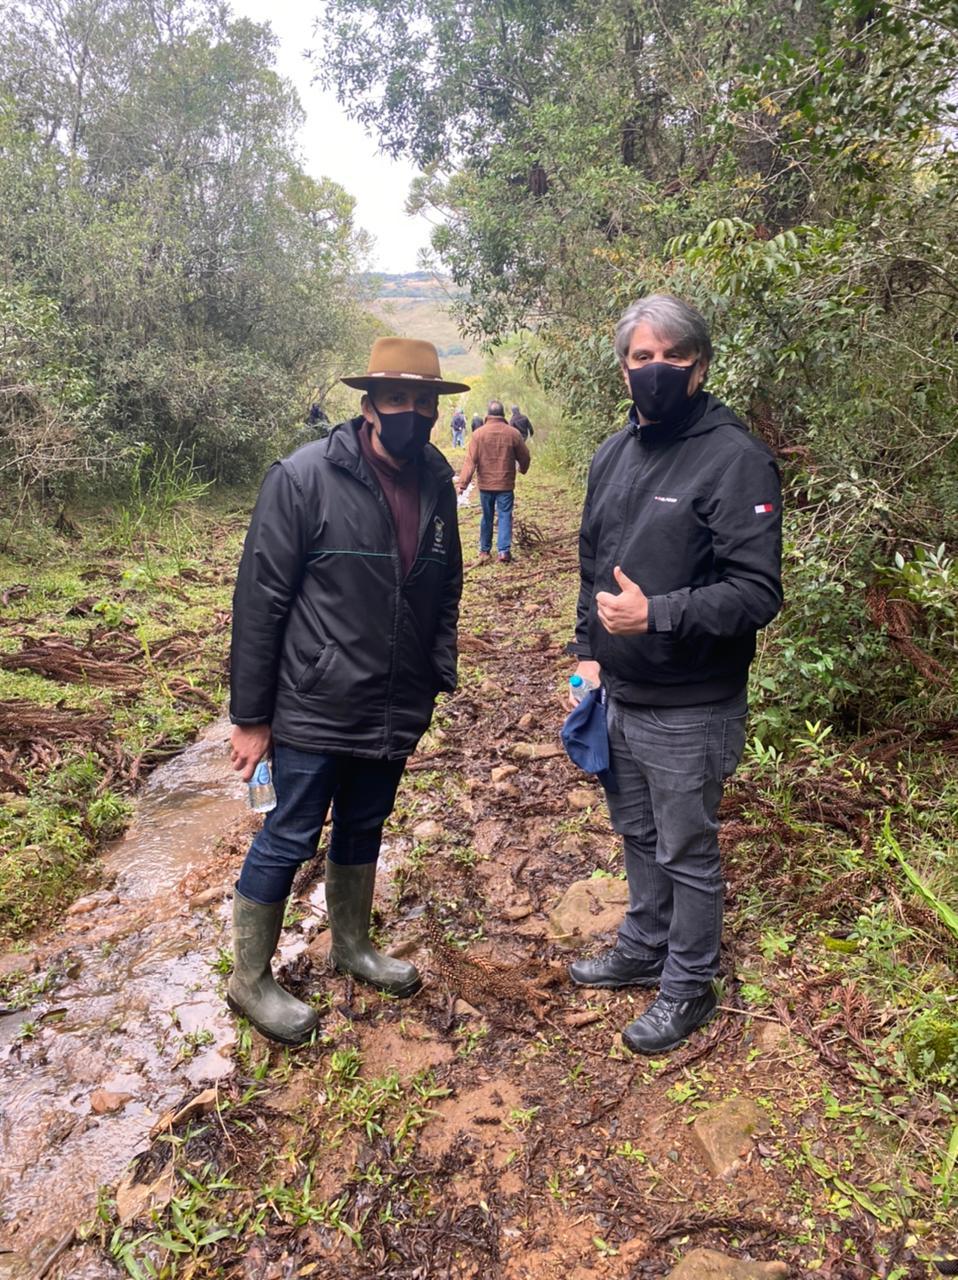 Galeria 0 - Notícia Lages Turismo Secretarias de Turismo e Agricultura fazem visita técnica no Passo de Santa Vitória